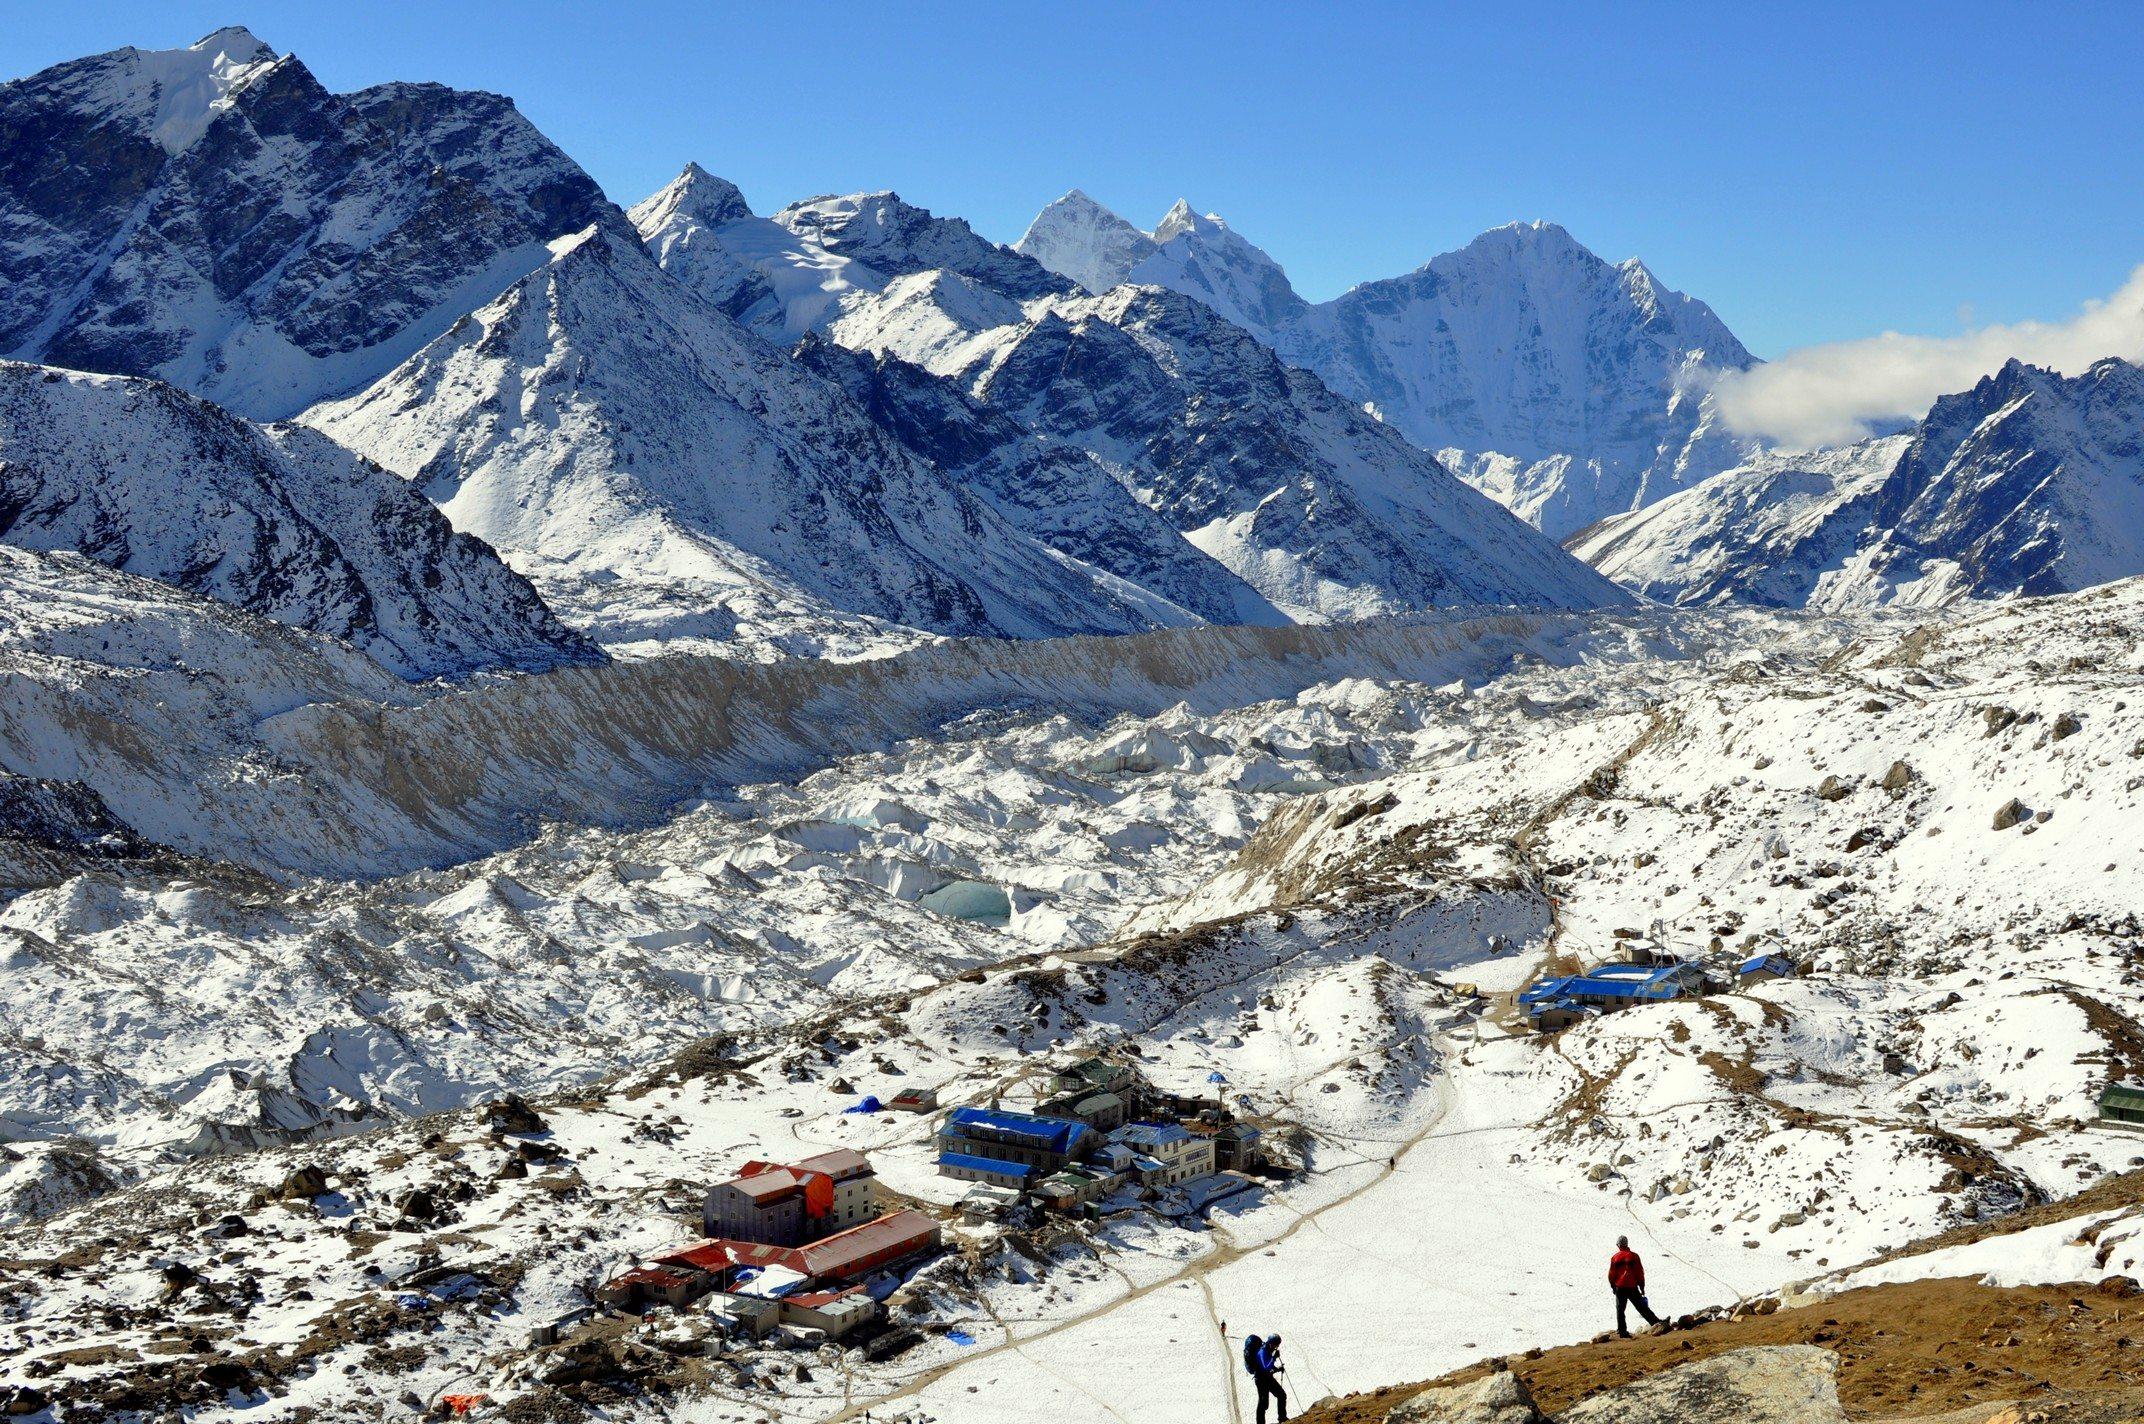 Trek du camp de base de l'Everest Gorak Shep (5160m) et glacier du Khumbu